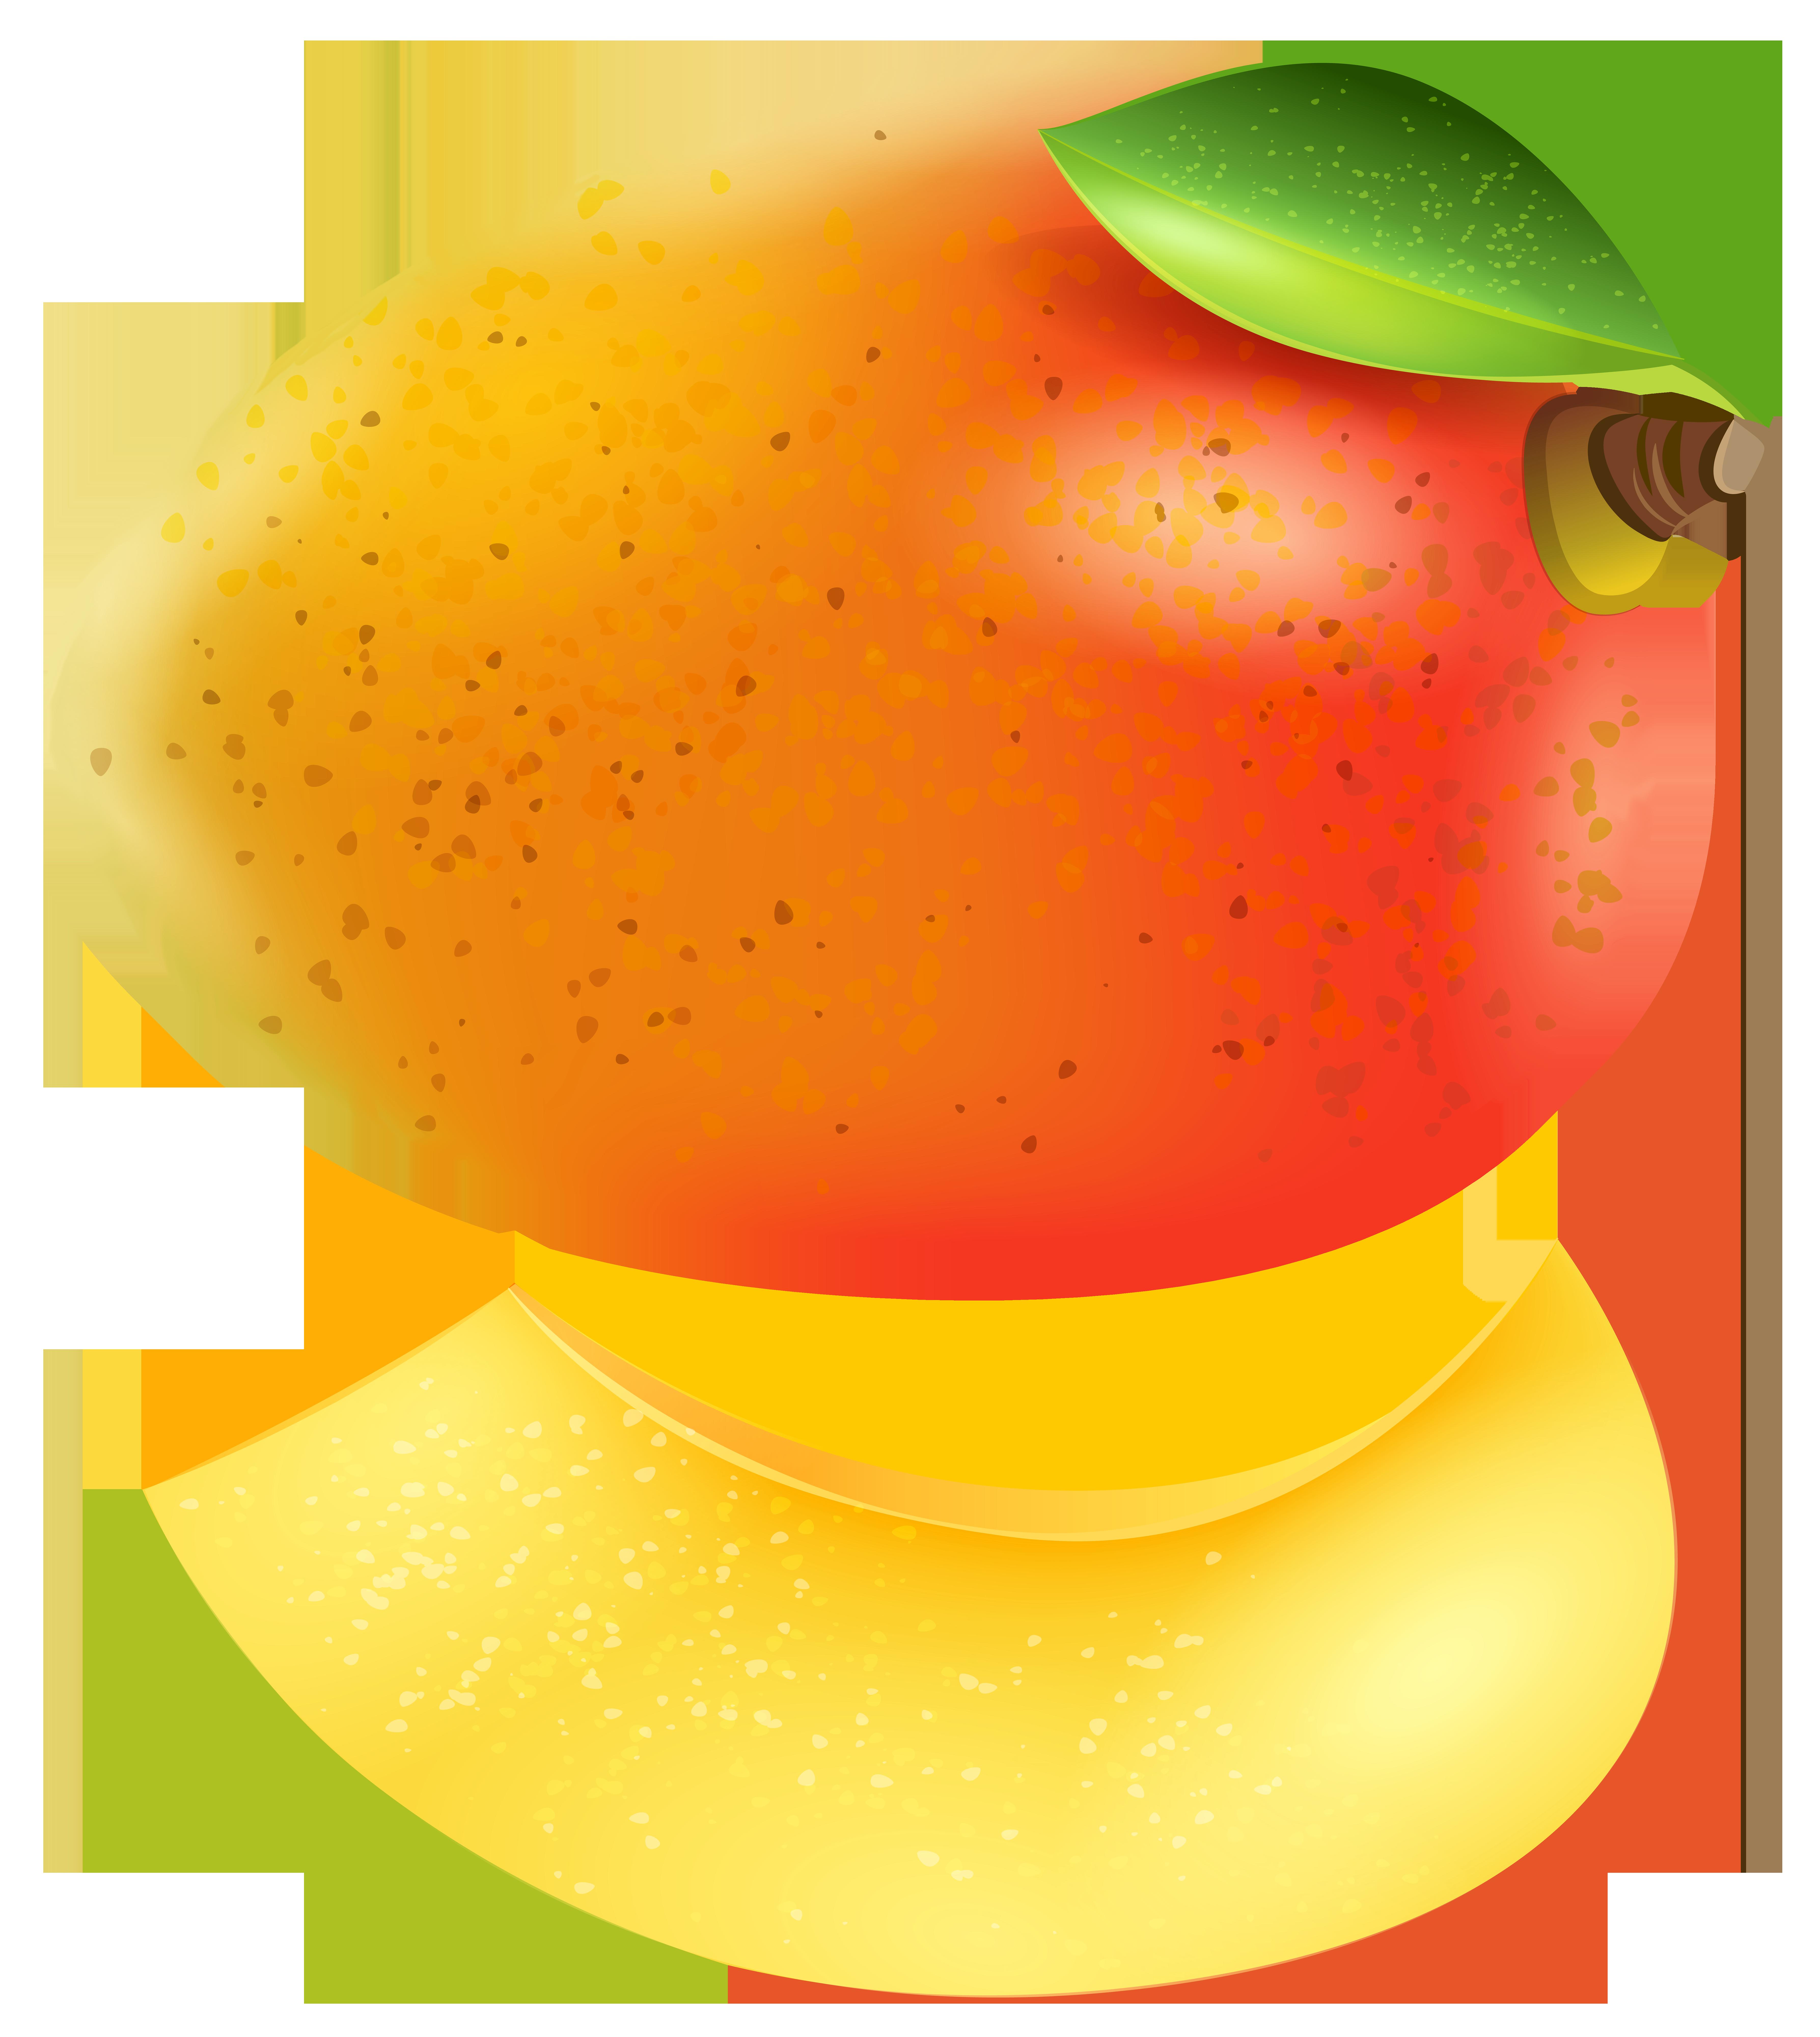 clip art download Mango clipart border. Transparent png clip art.